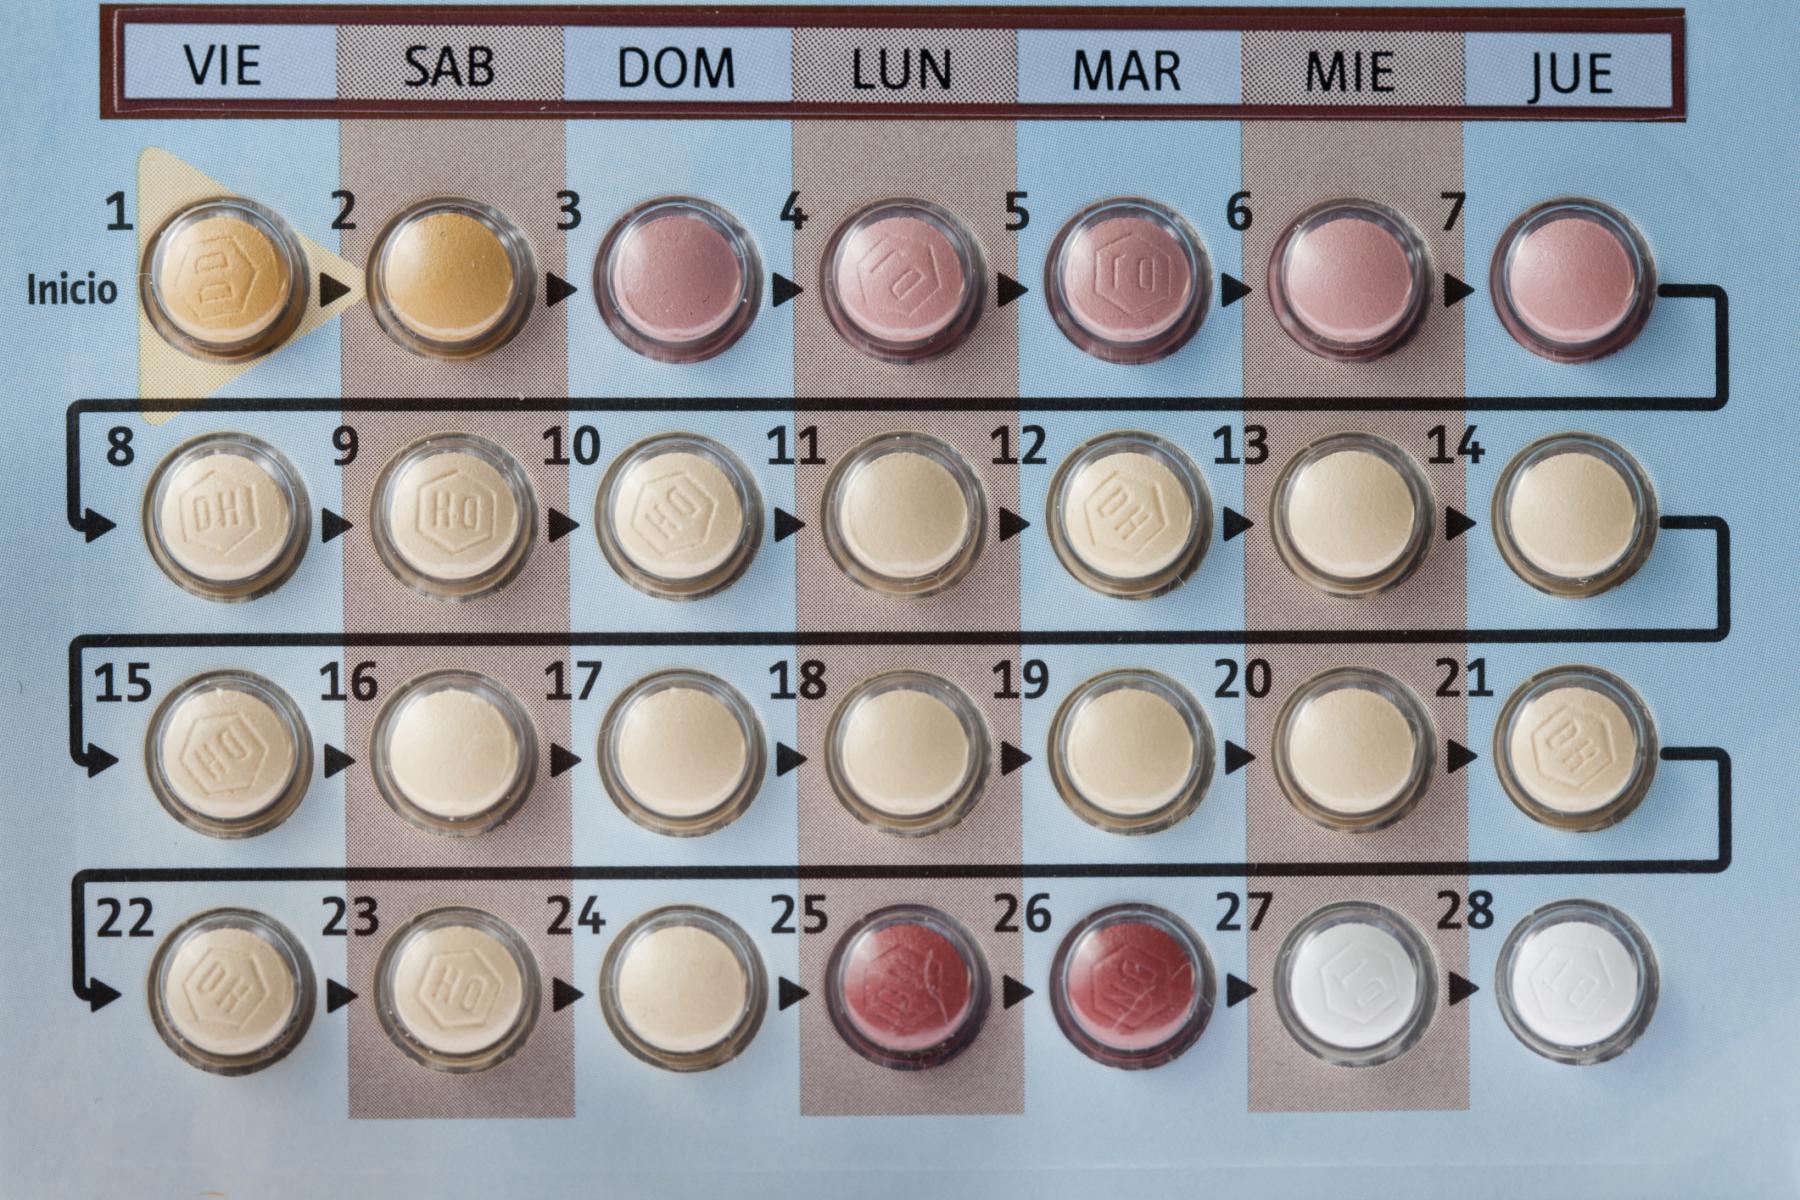 Estudio revela que 11.517 mujeres habían recibido un diagnóstico de cáncer de mama, al consumir anticonceptivos hormonales